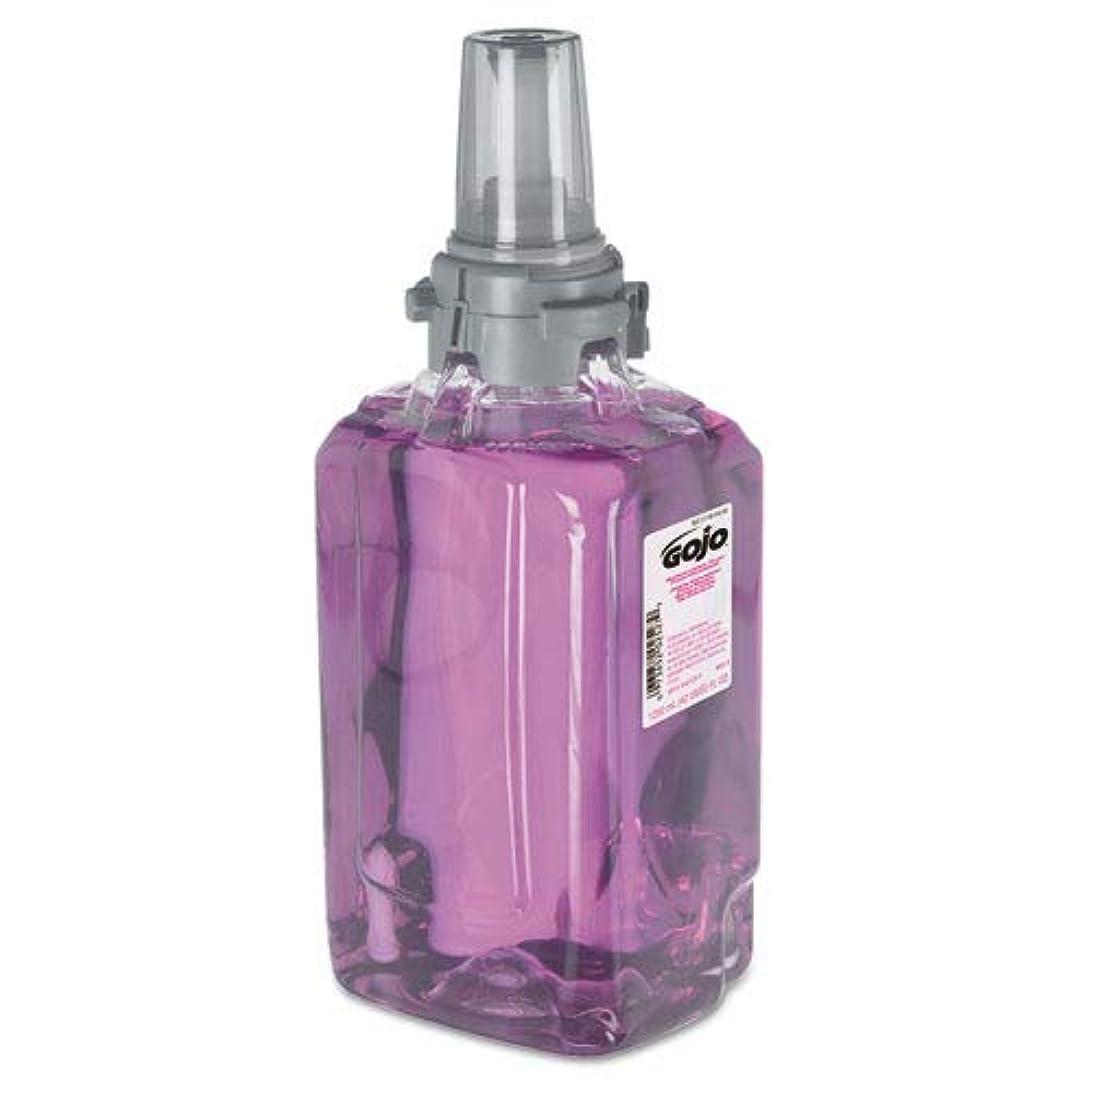 該当する特別なインサートgoj881203ct – 抗菌Foam Handwash